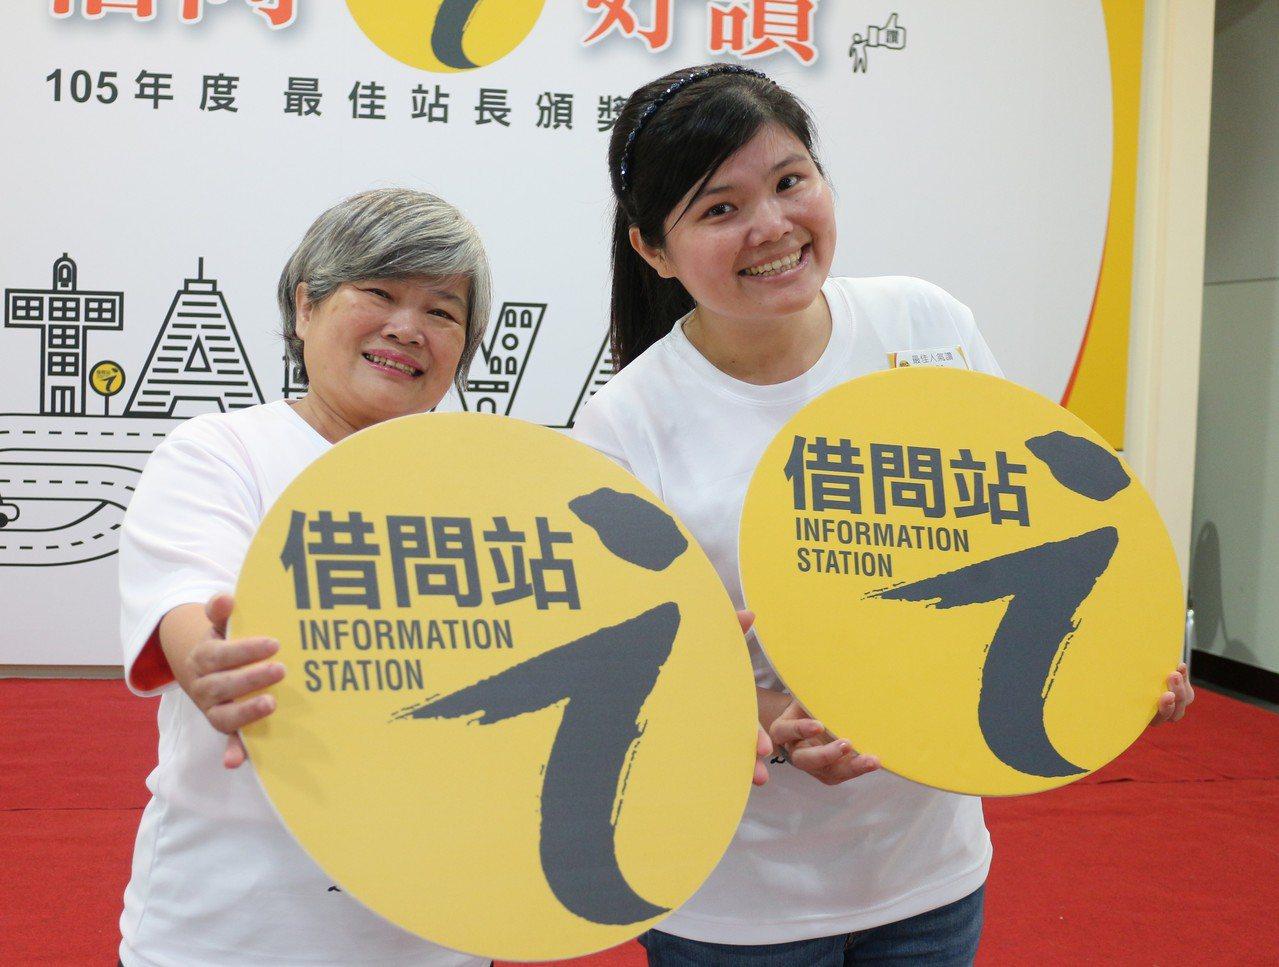 借問站之一屏東東港味益食品第二代謝貴蘭(左)、第三代劉凱芬(右)都說,從十年前至...